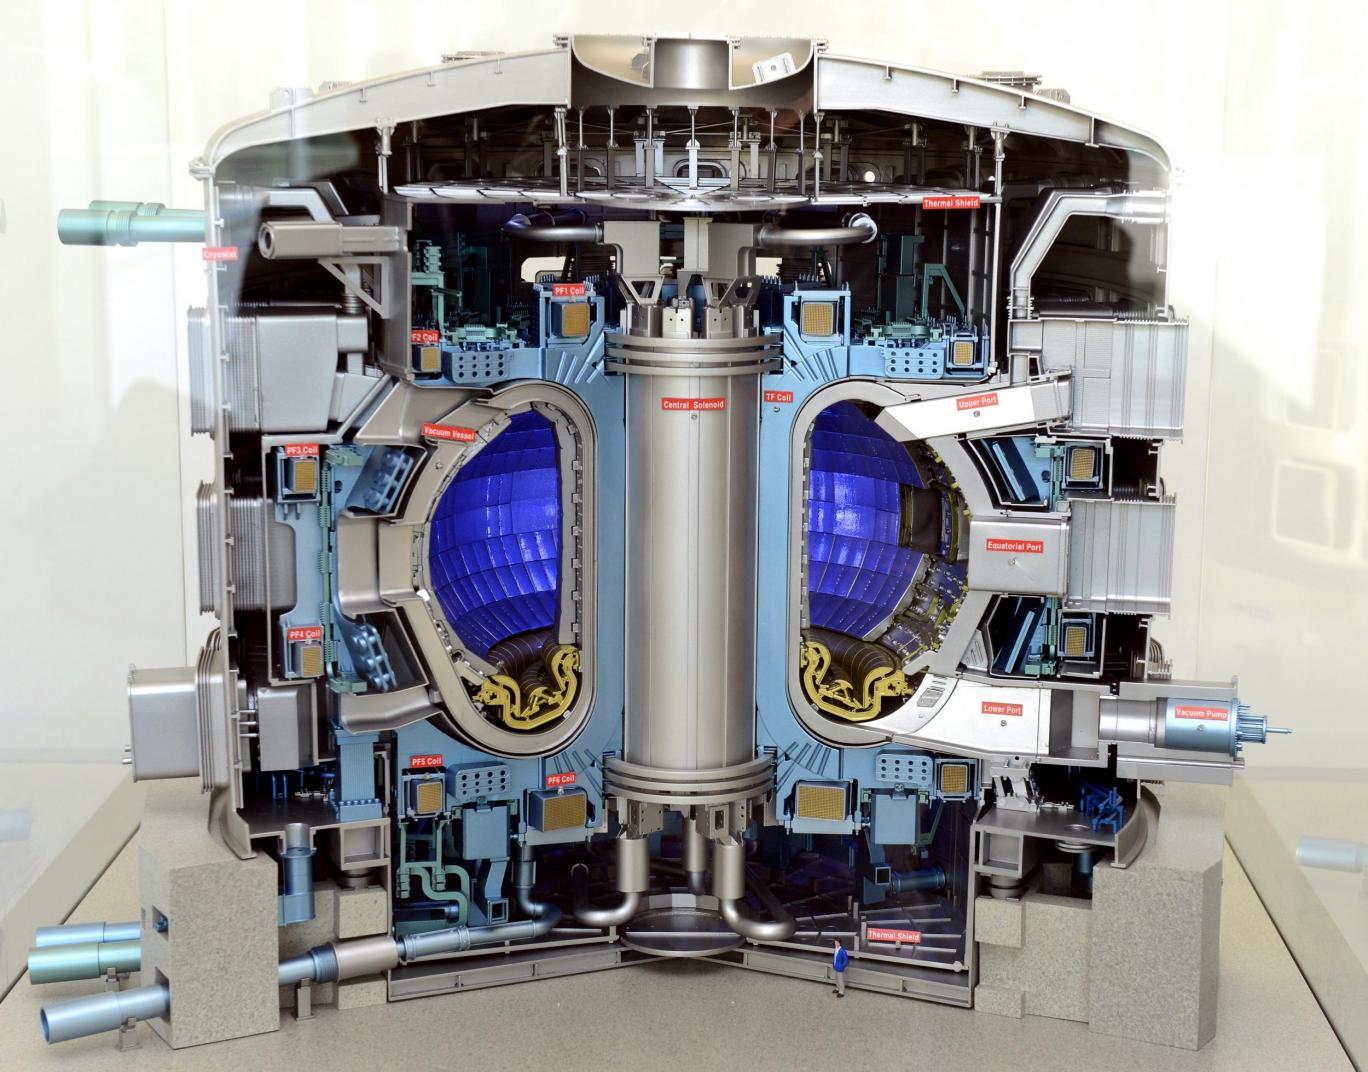 Чистый термояд: зачем 35 стран строят самый большой в мире термоядерный реактор термоядерная энергия,технологии,энергетика